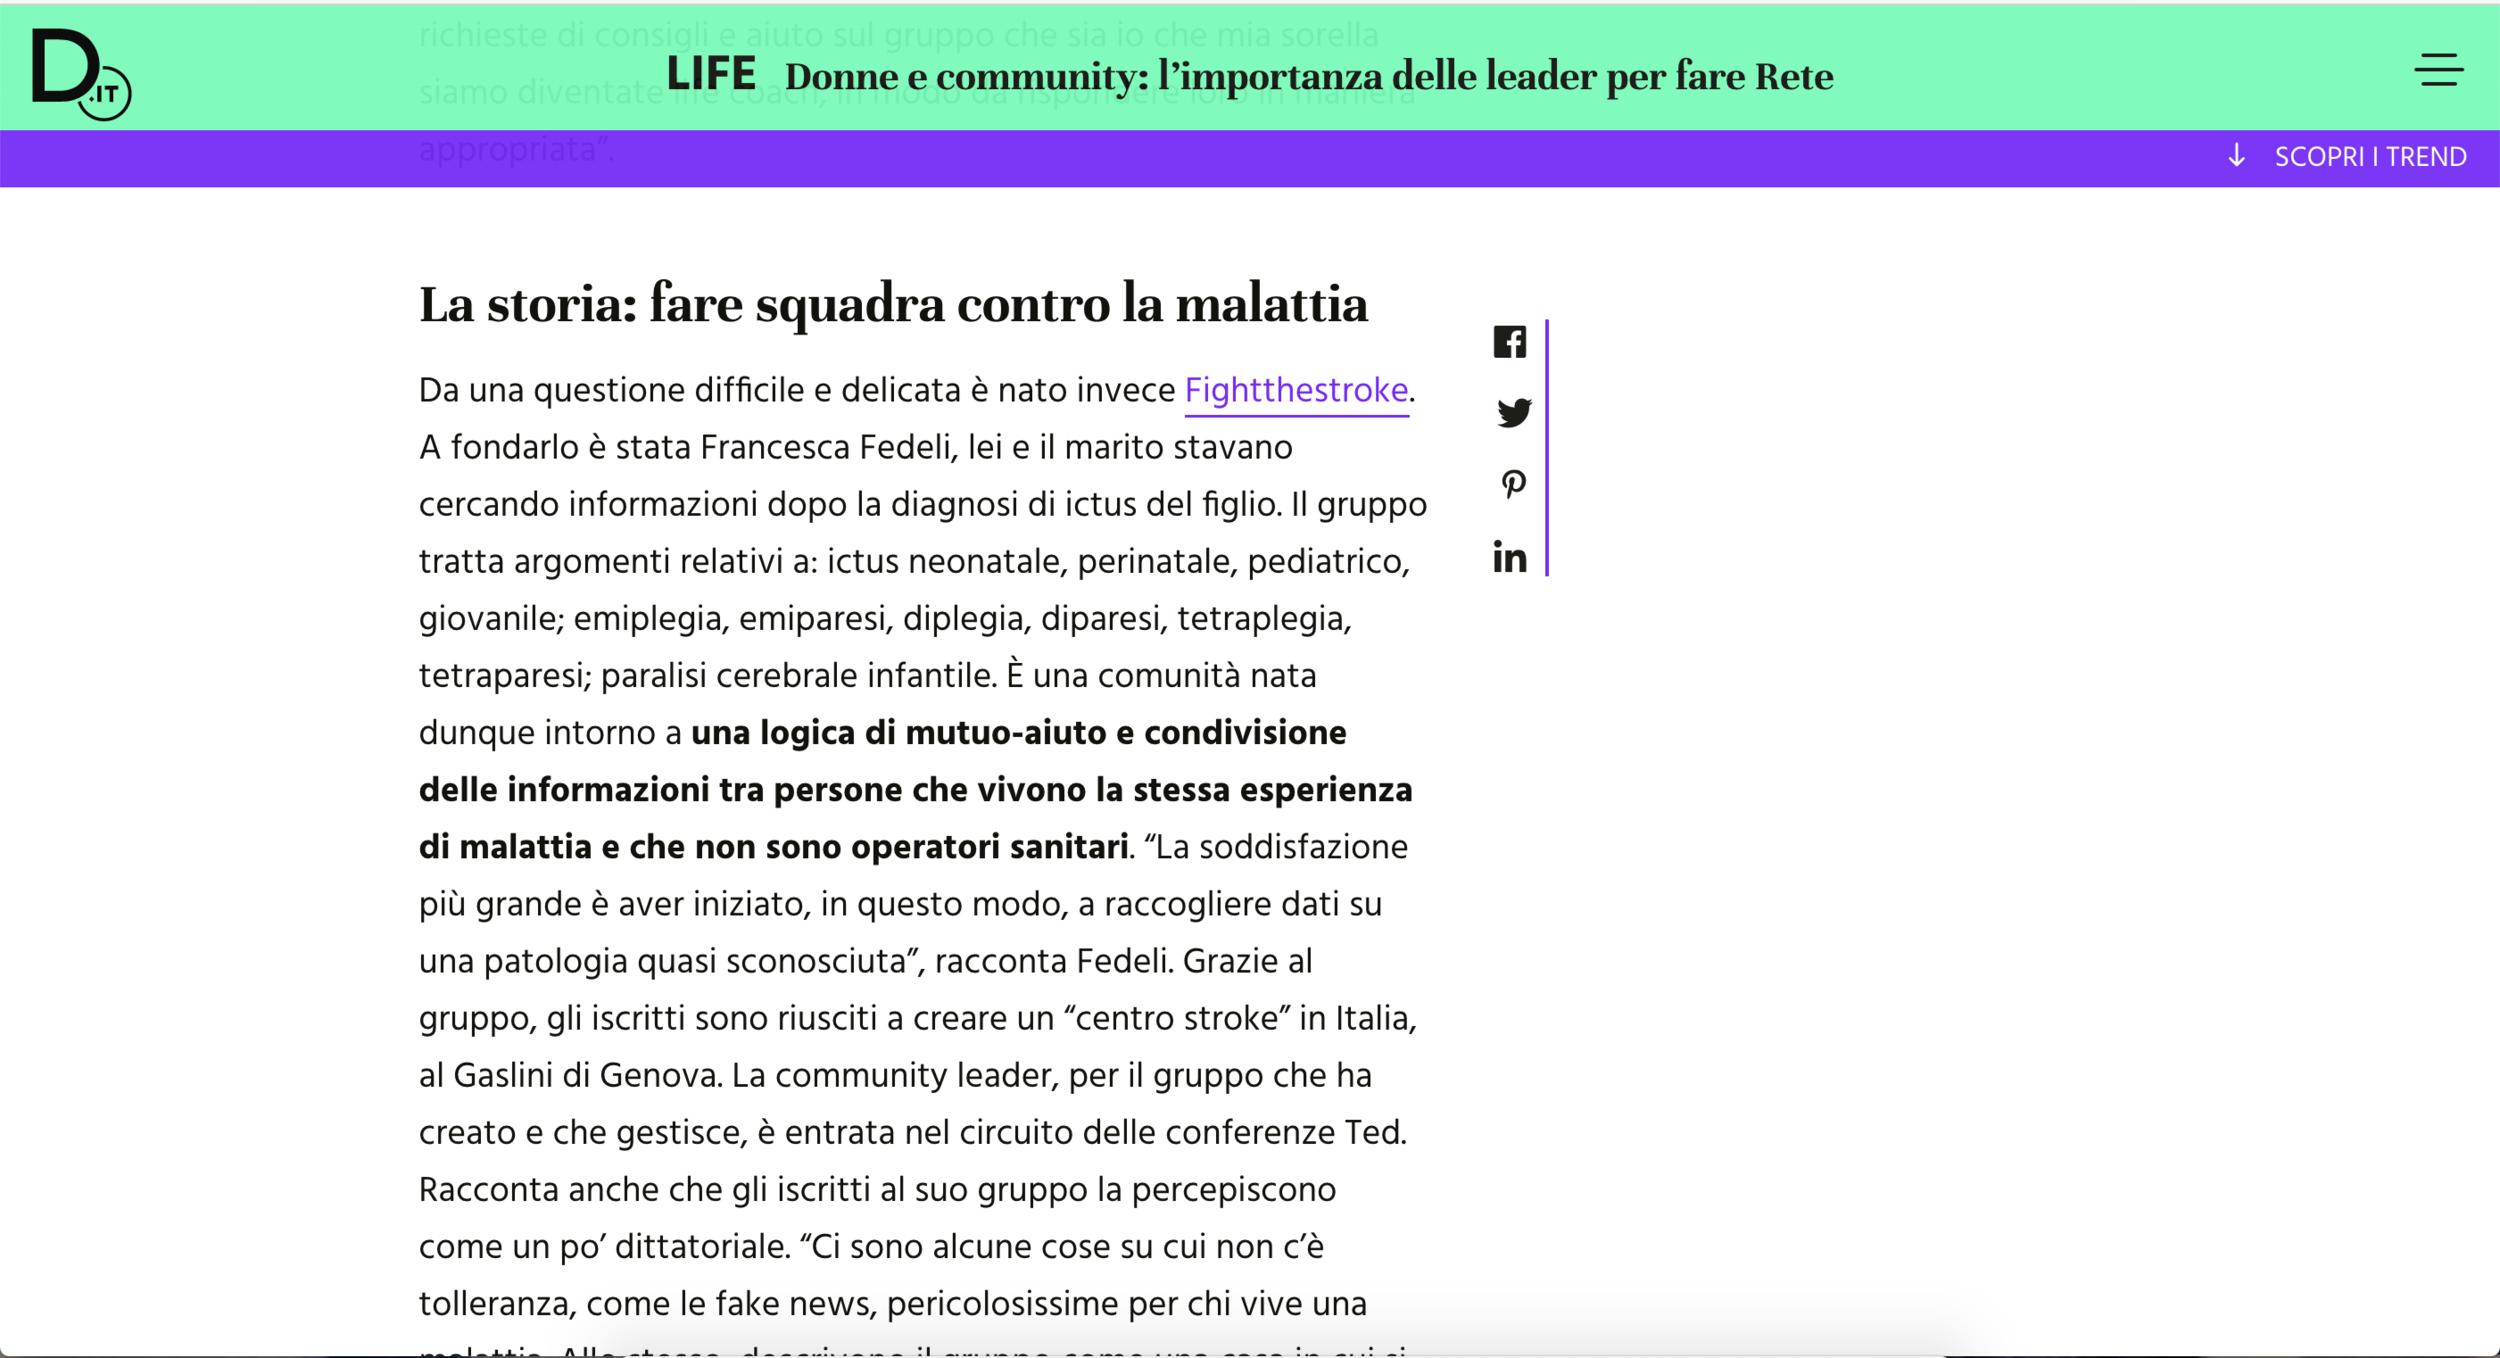 https://d.repubblica.it/life/2019/06/27/news/incontro_sheryl_sandberg_roma_primo_facebook_community_day_italiano_donne_community_leader_come_fare_rete-4464173/?refresh_ce